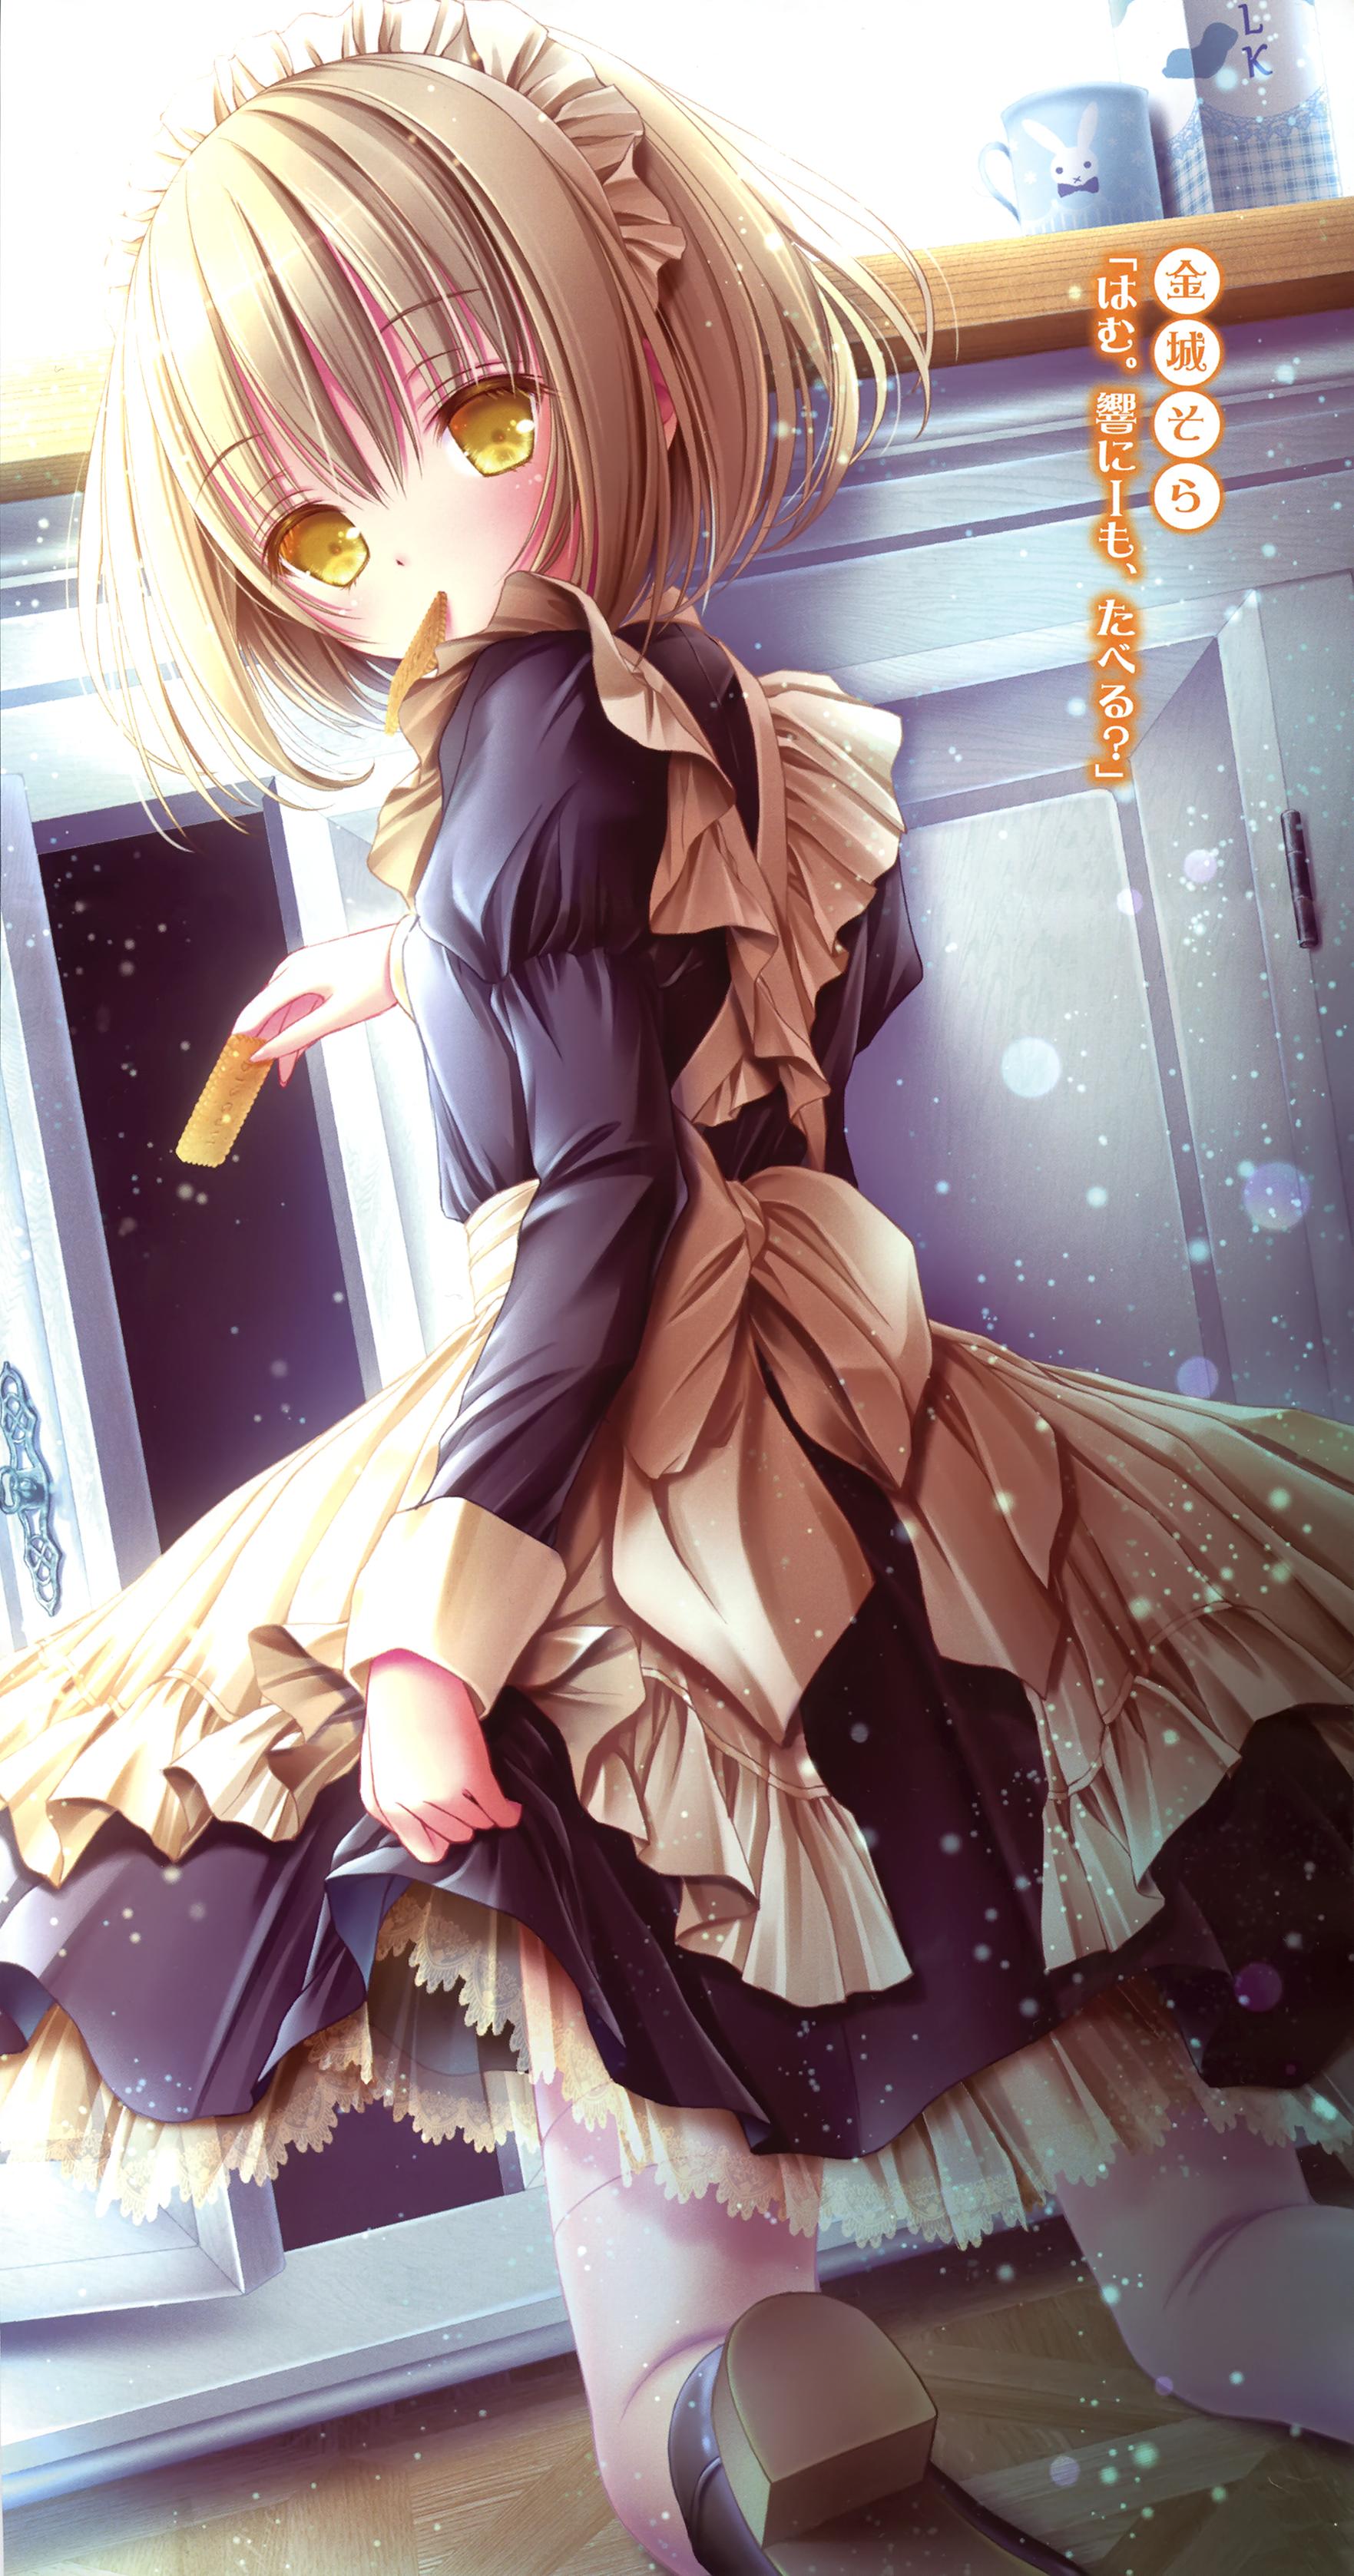 Tenshi No 3p Zerochan Anime Image Board